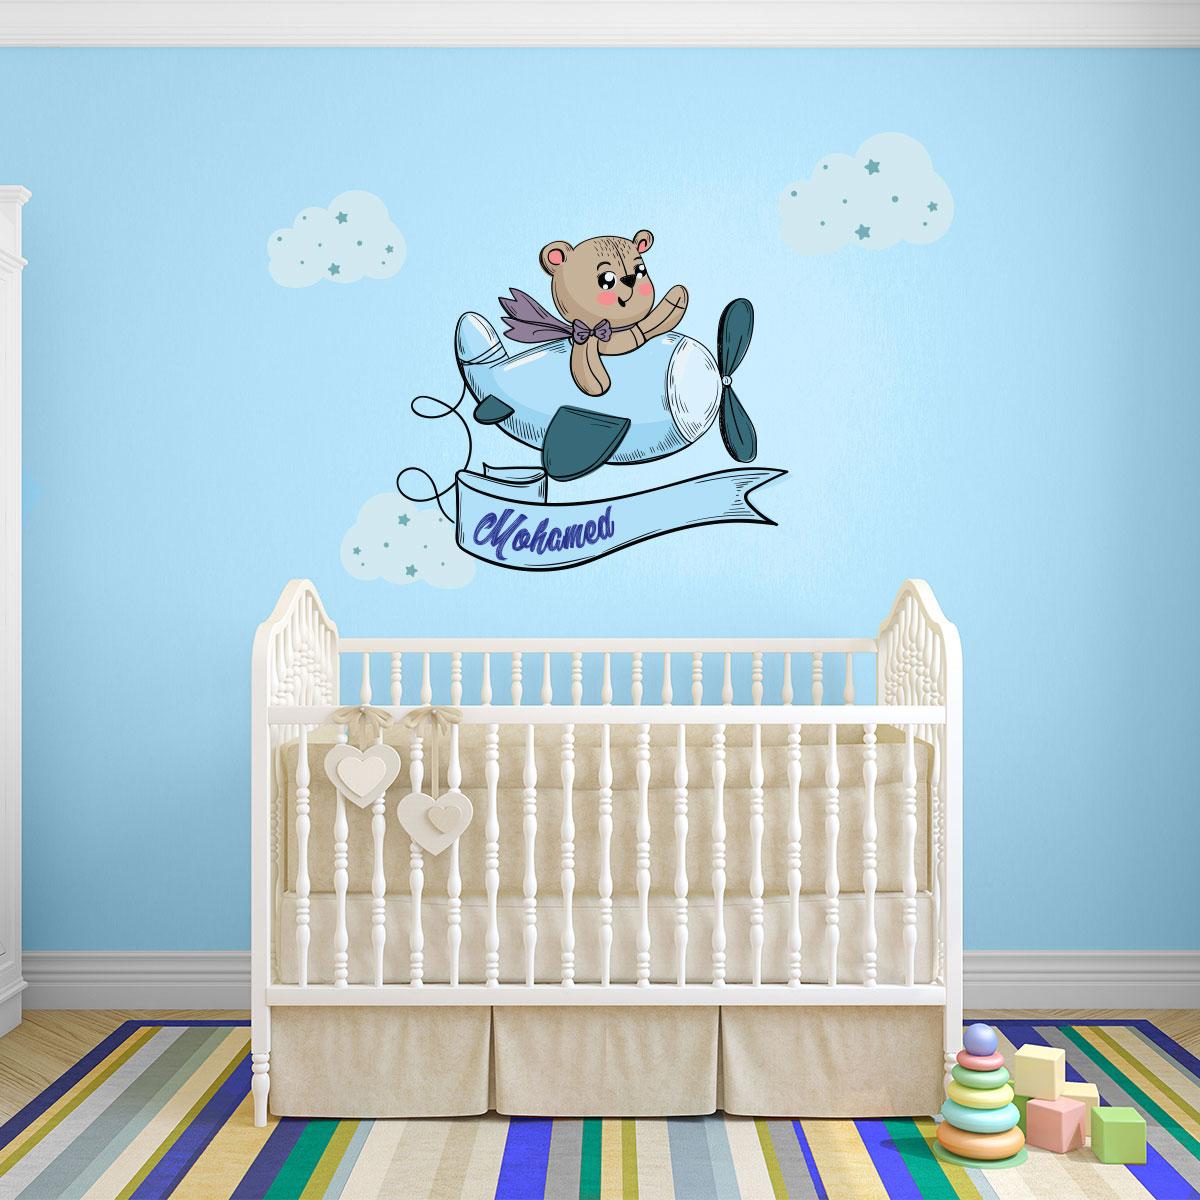 sticker pr nom personnalis nounours en avion stickers chambre enfants pr noms ambiance sticker. Black Bedroom Furniture Sets. Home Design Ideas